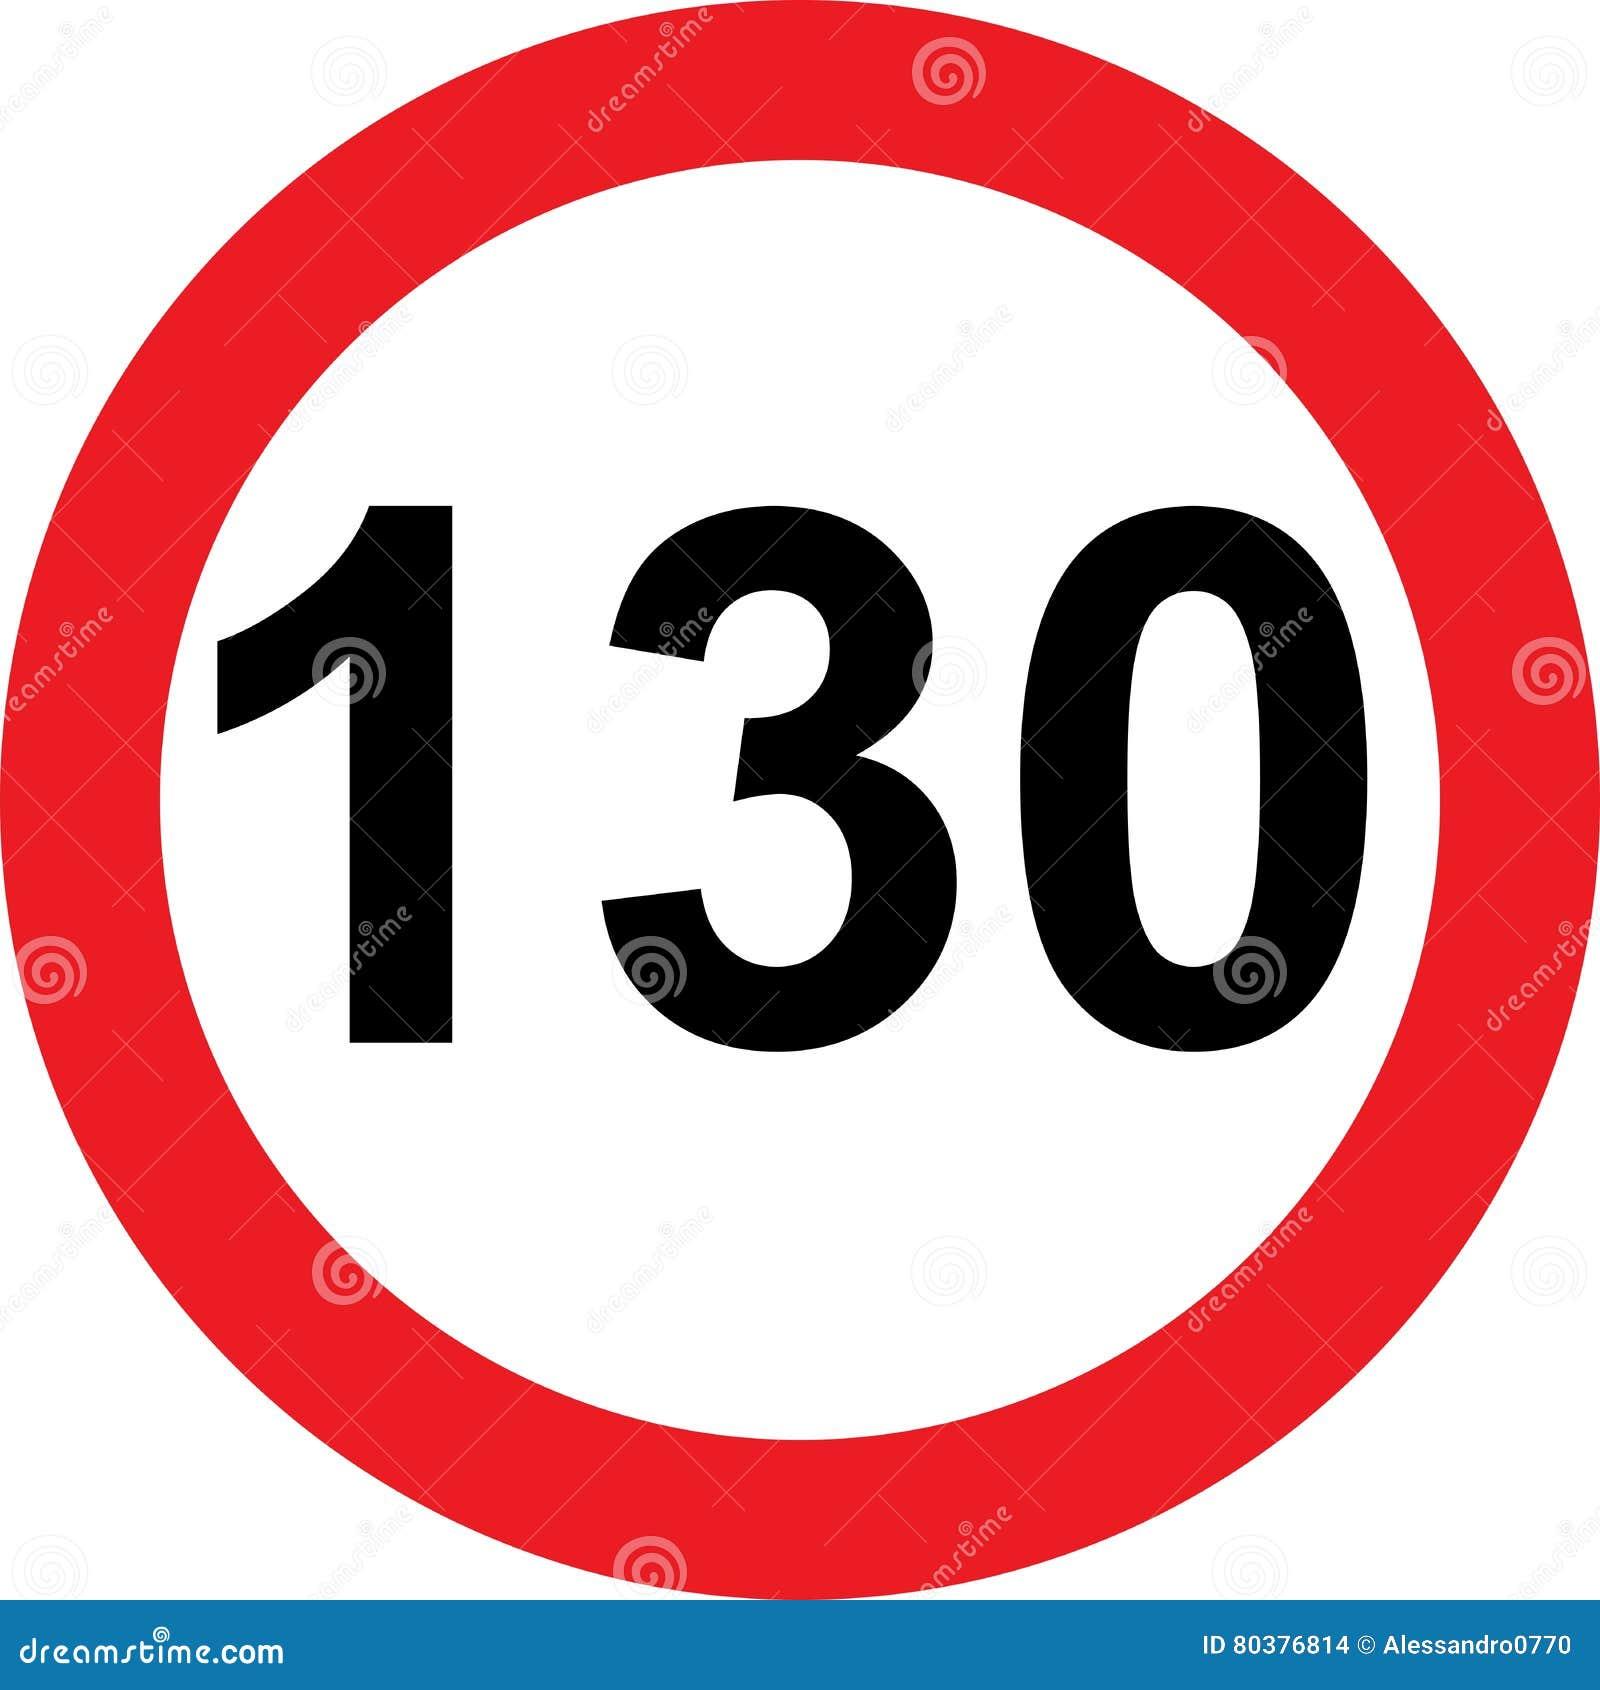 Segnale stradale di limitazione di 130 velocità